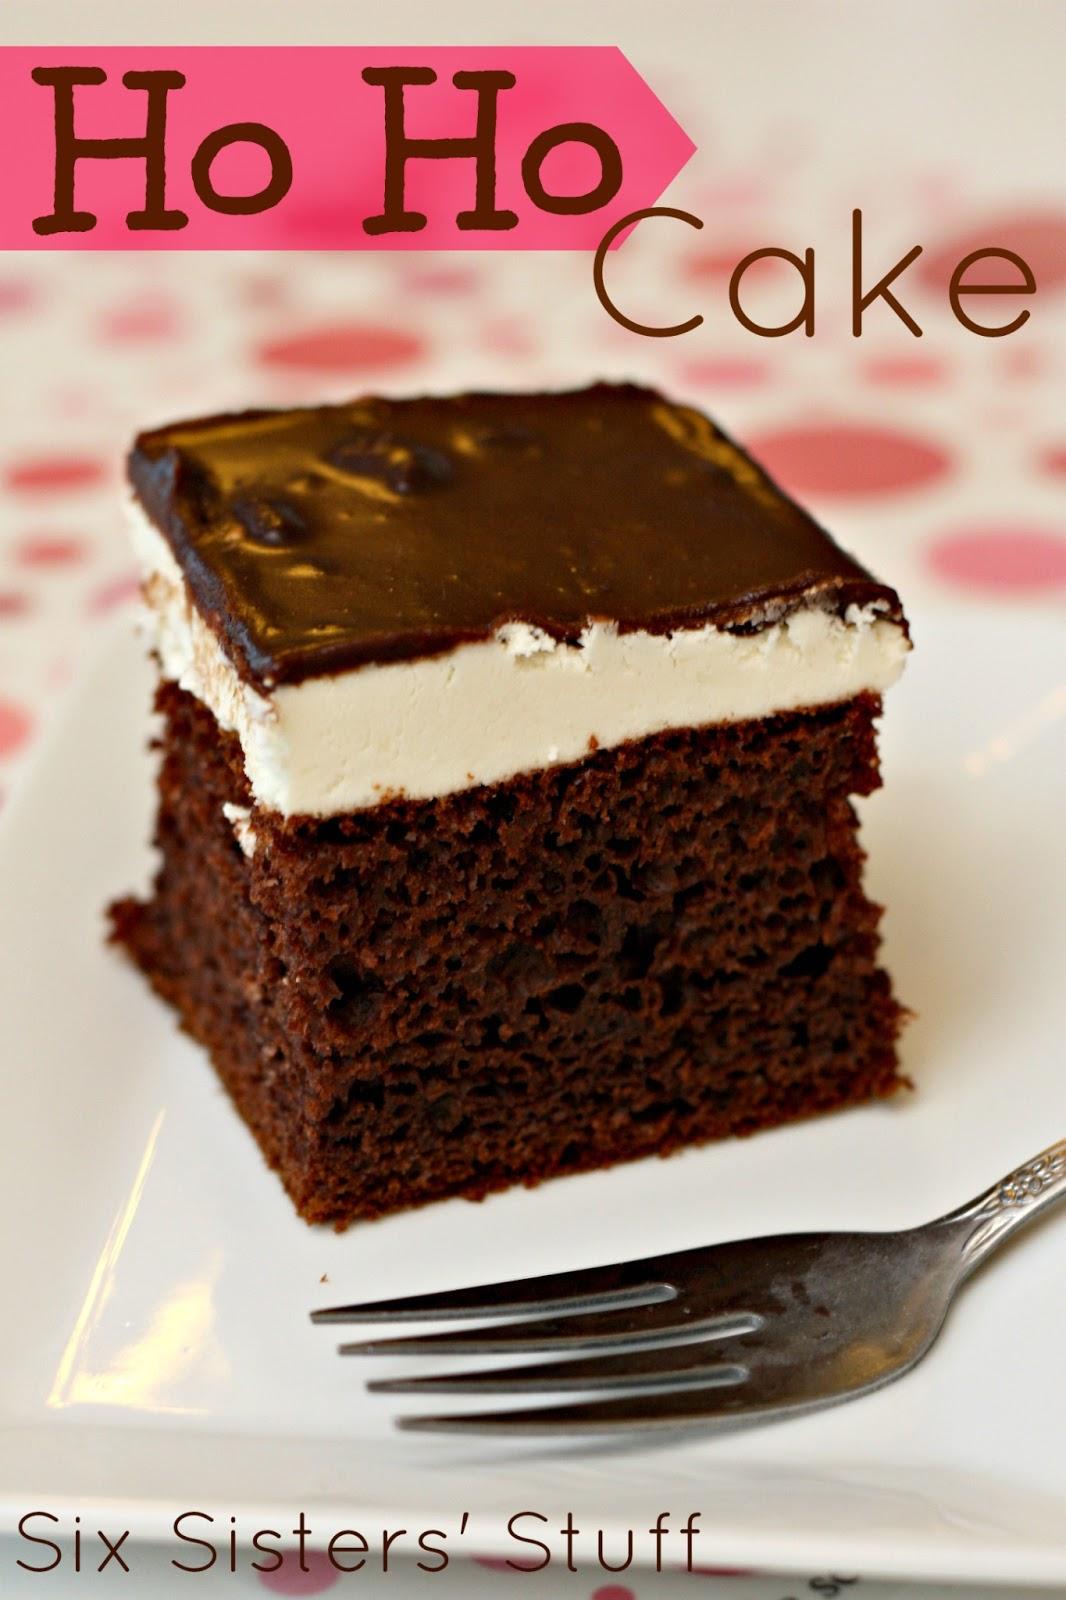 Easy ho cakes recipe